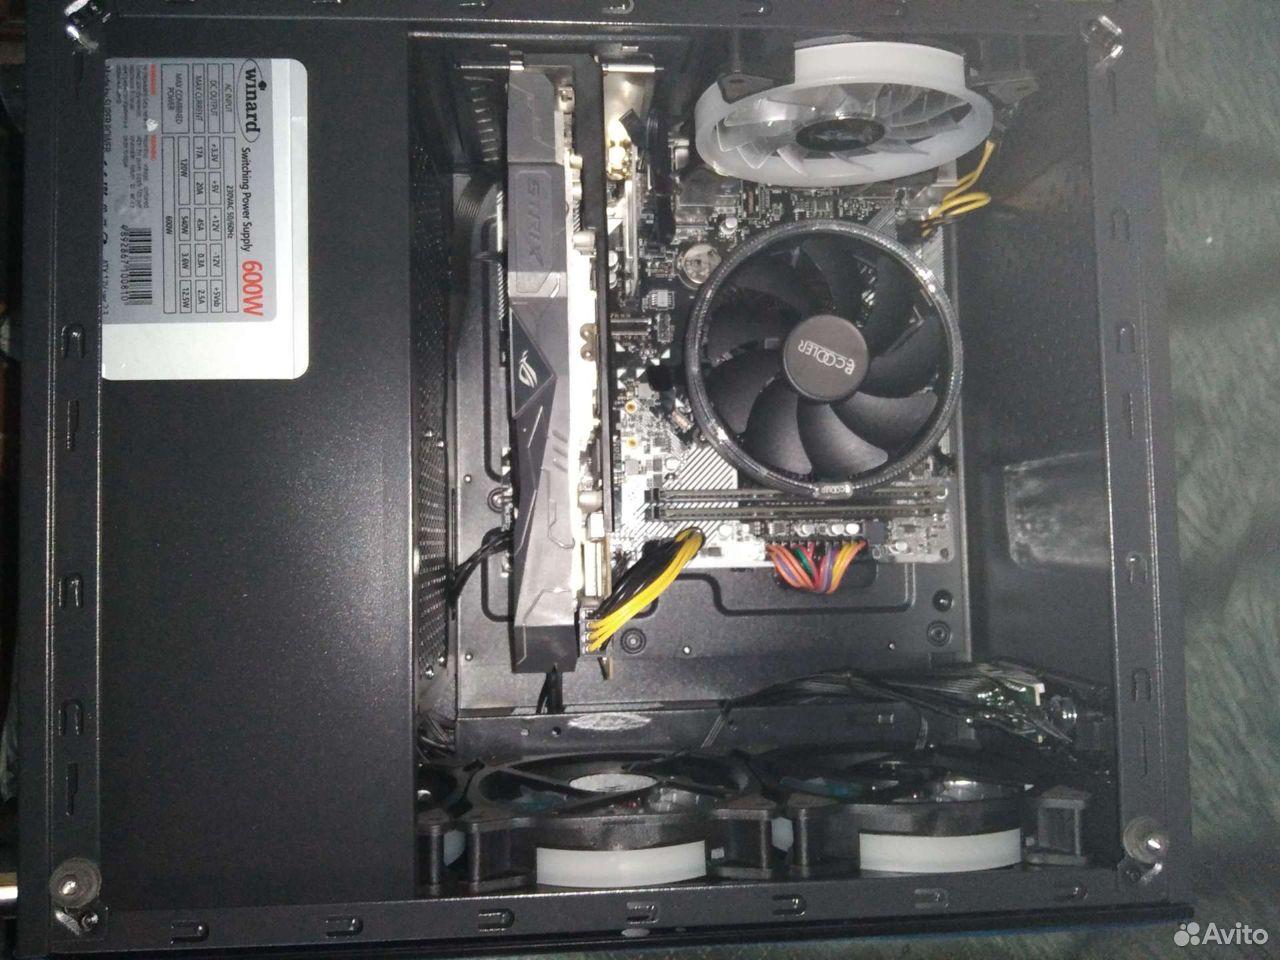 Системный блок Ryzen 5 1600/ 16 Гб/ SSD/ RX 570  89042695687 купить 6